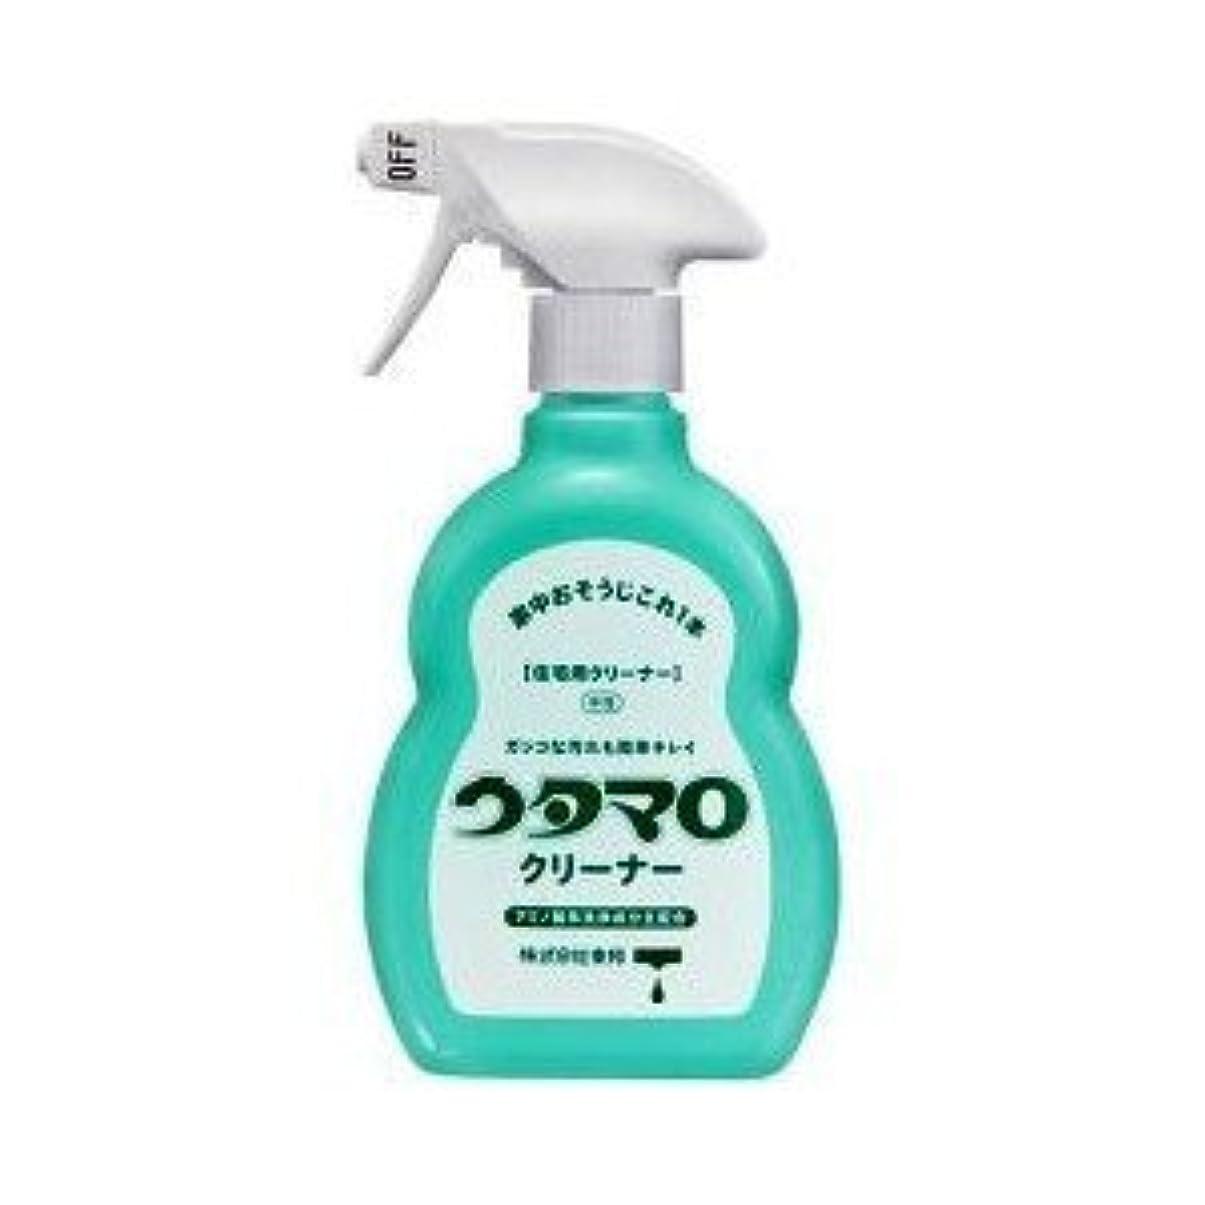 ファイバ正当化する砂のウタマロ クリーナー 400ml 洗剤 住居用 アミノ酸系洗浄成分主配合 さわやかなグリーンハーブの香り